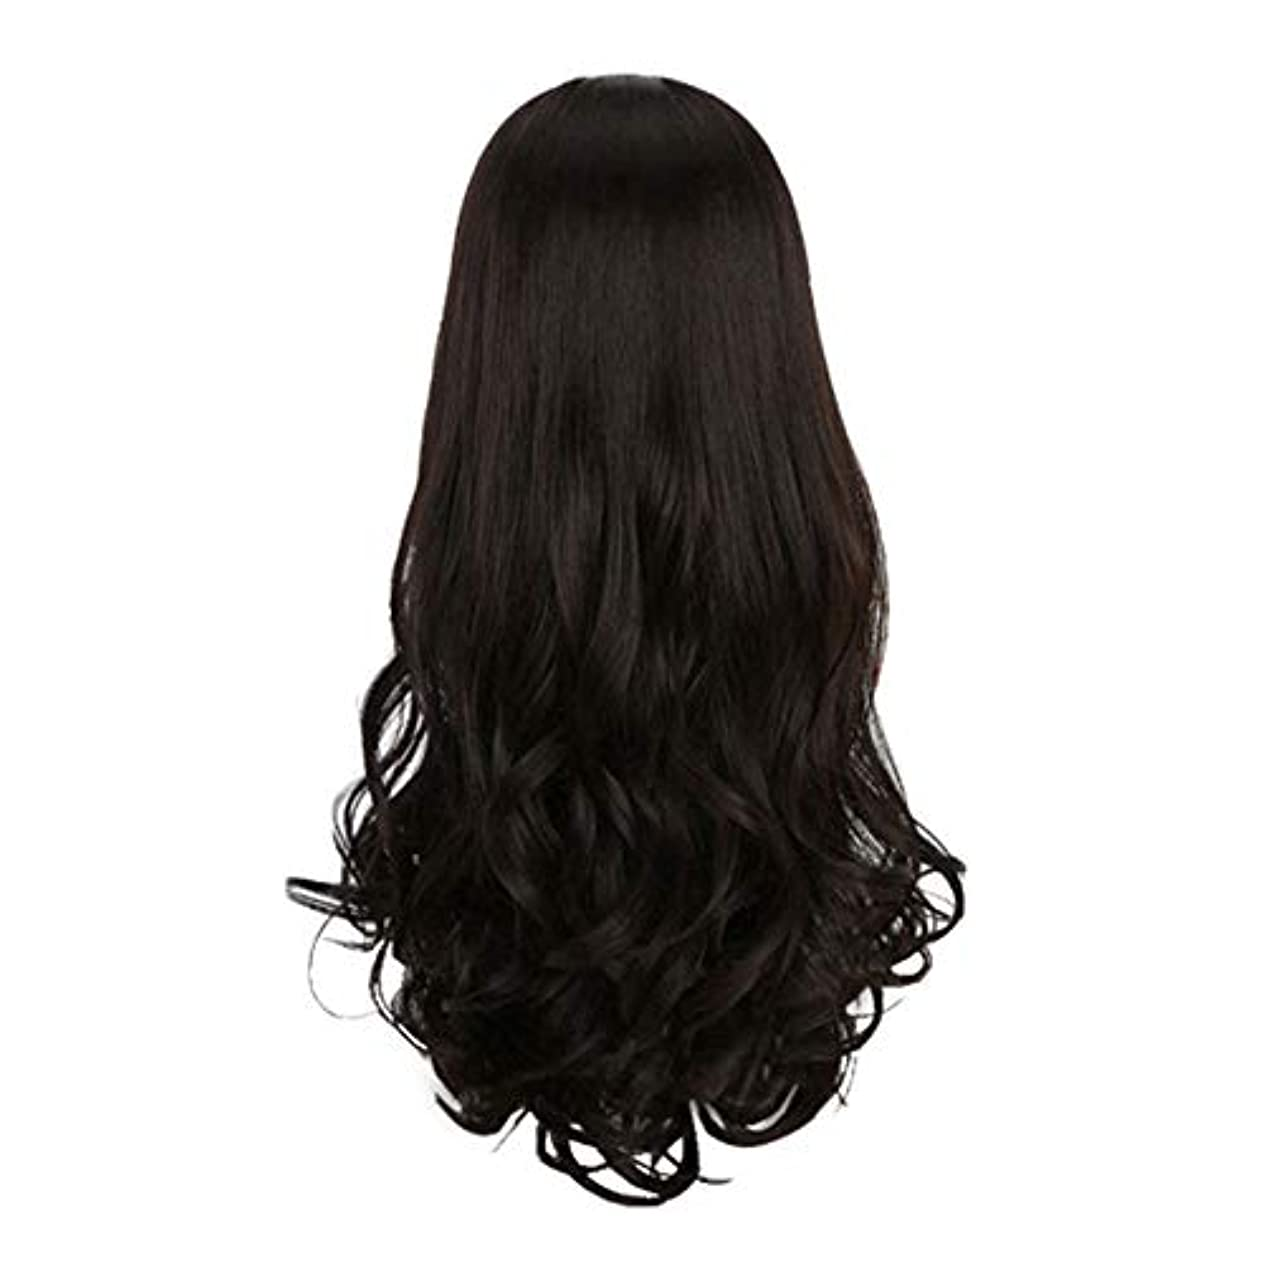 ヘアピースブラックかつらフルヘッドカーリーウェーブクリップオン人工毛エクステンションヘアピース女性用ロング気質かつらナチュラル、ブラック